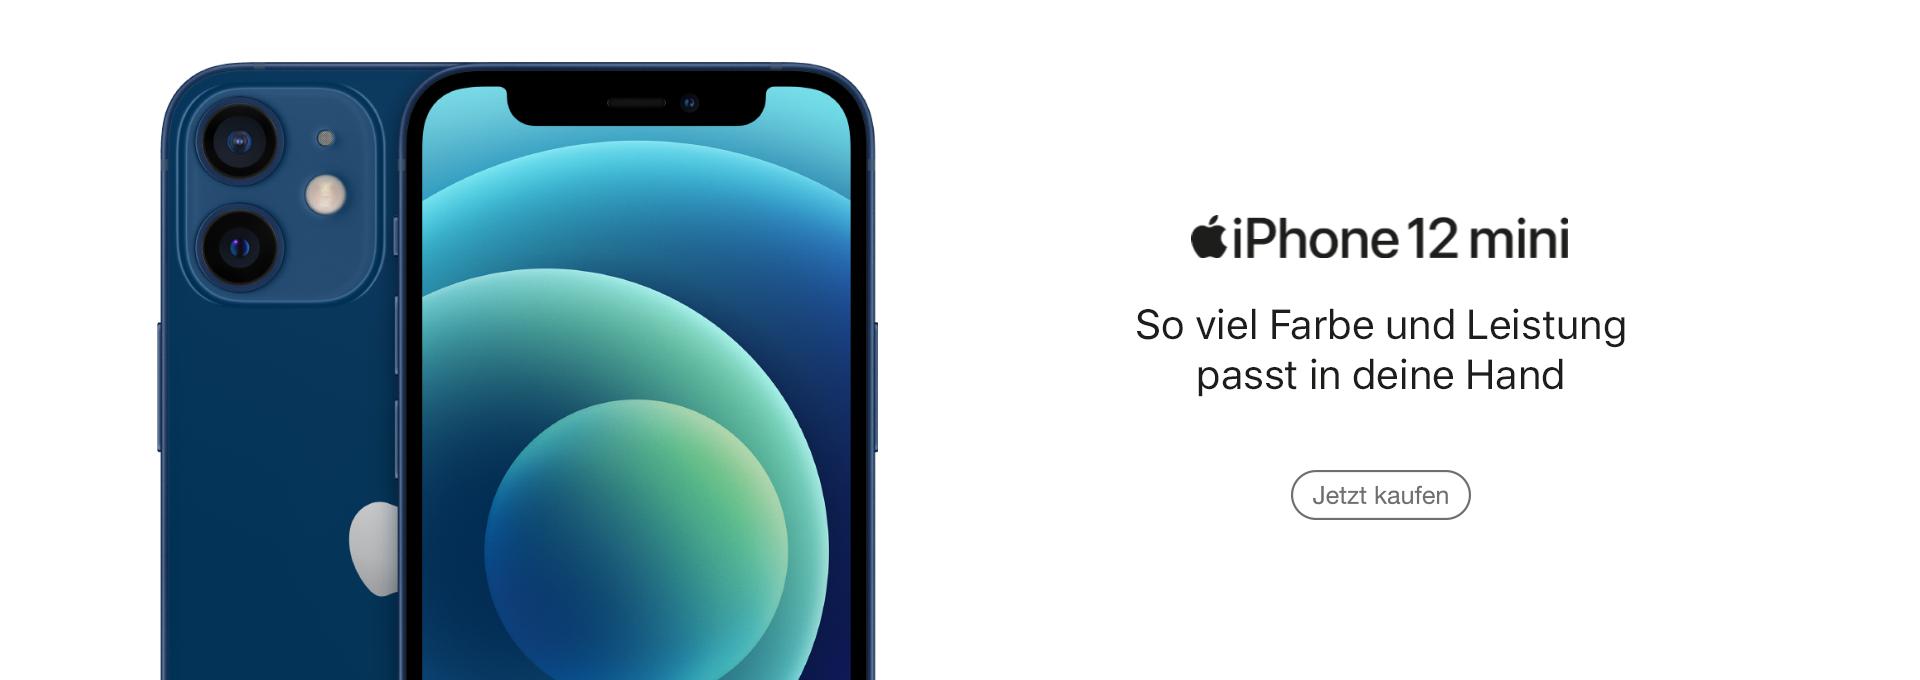 Jetzt Apple iPhone 12 mini kaufen